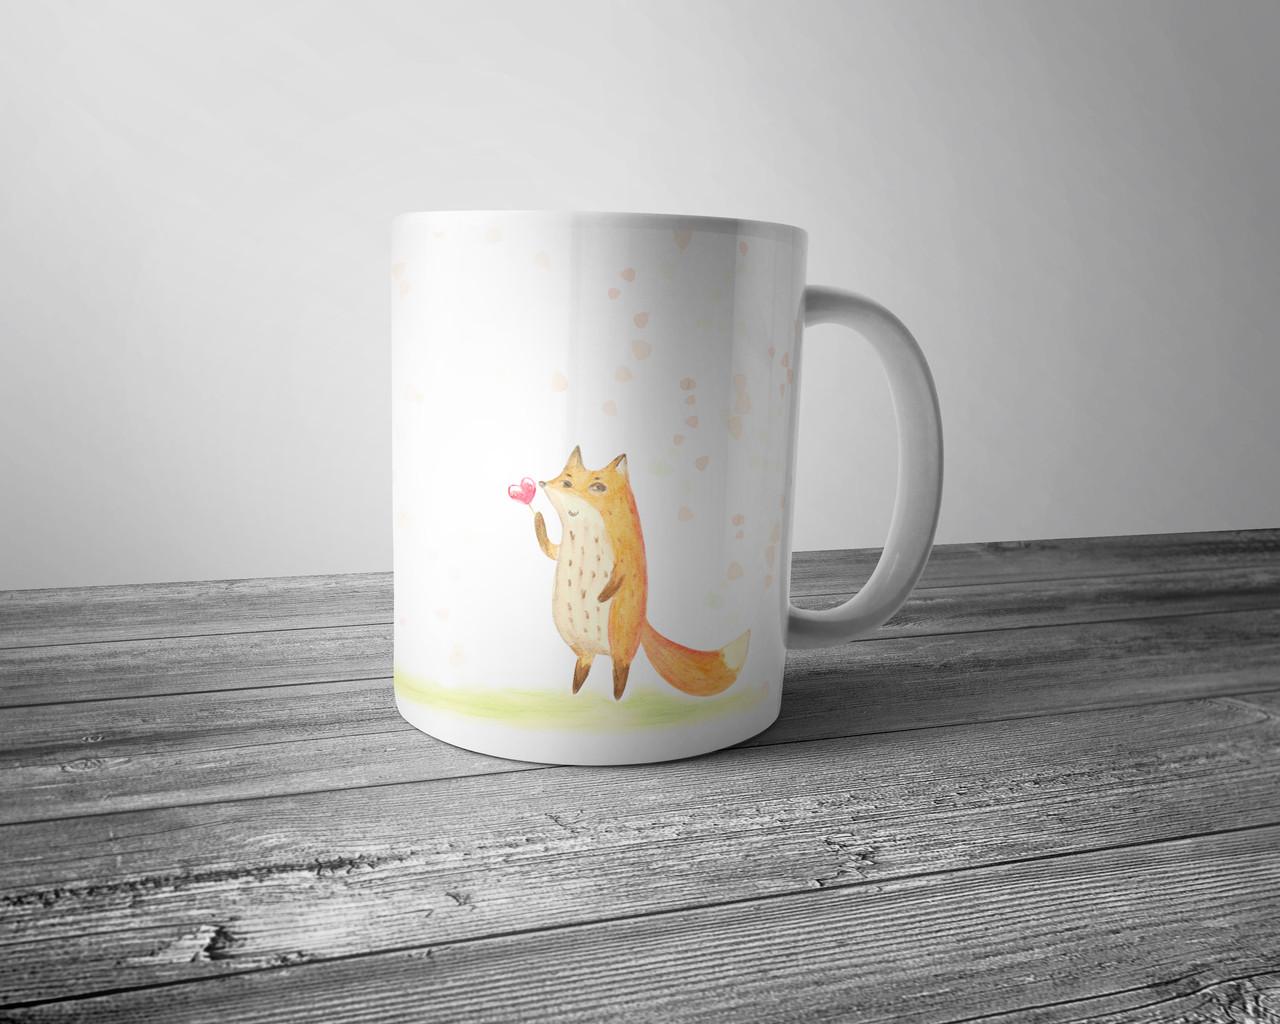 Чашка повнокольоровим зображенням акварельного лисиці з цукеркою